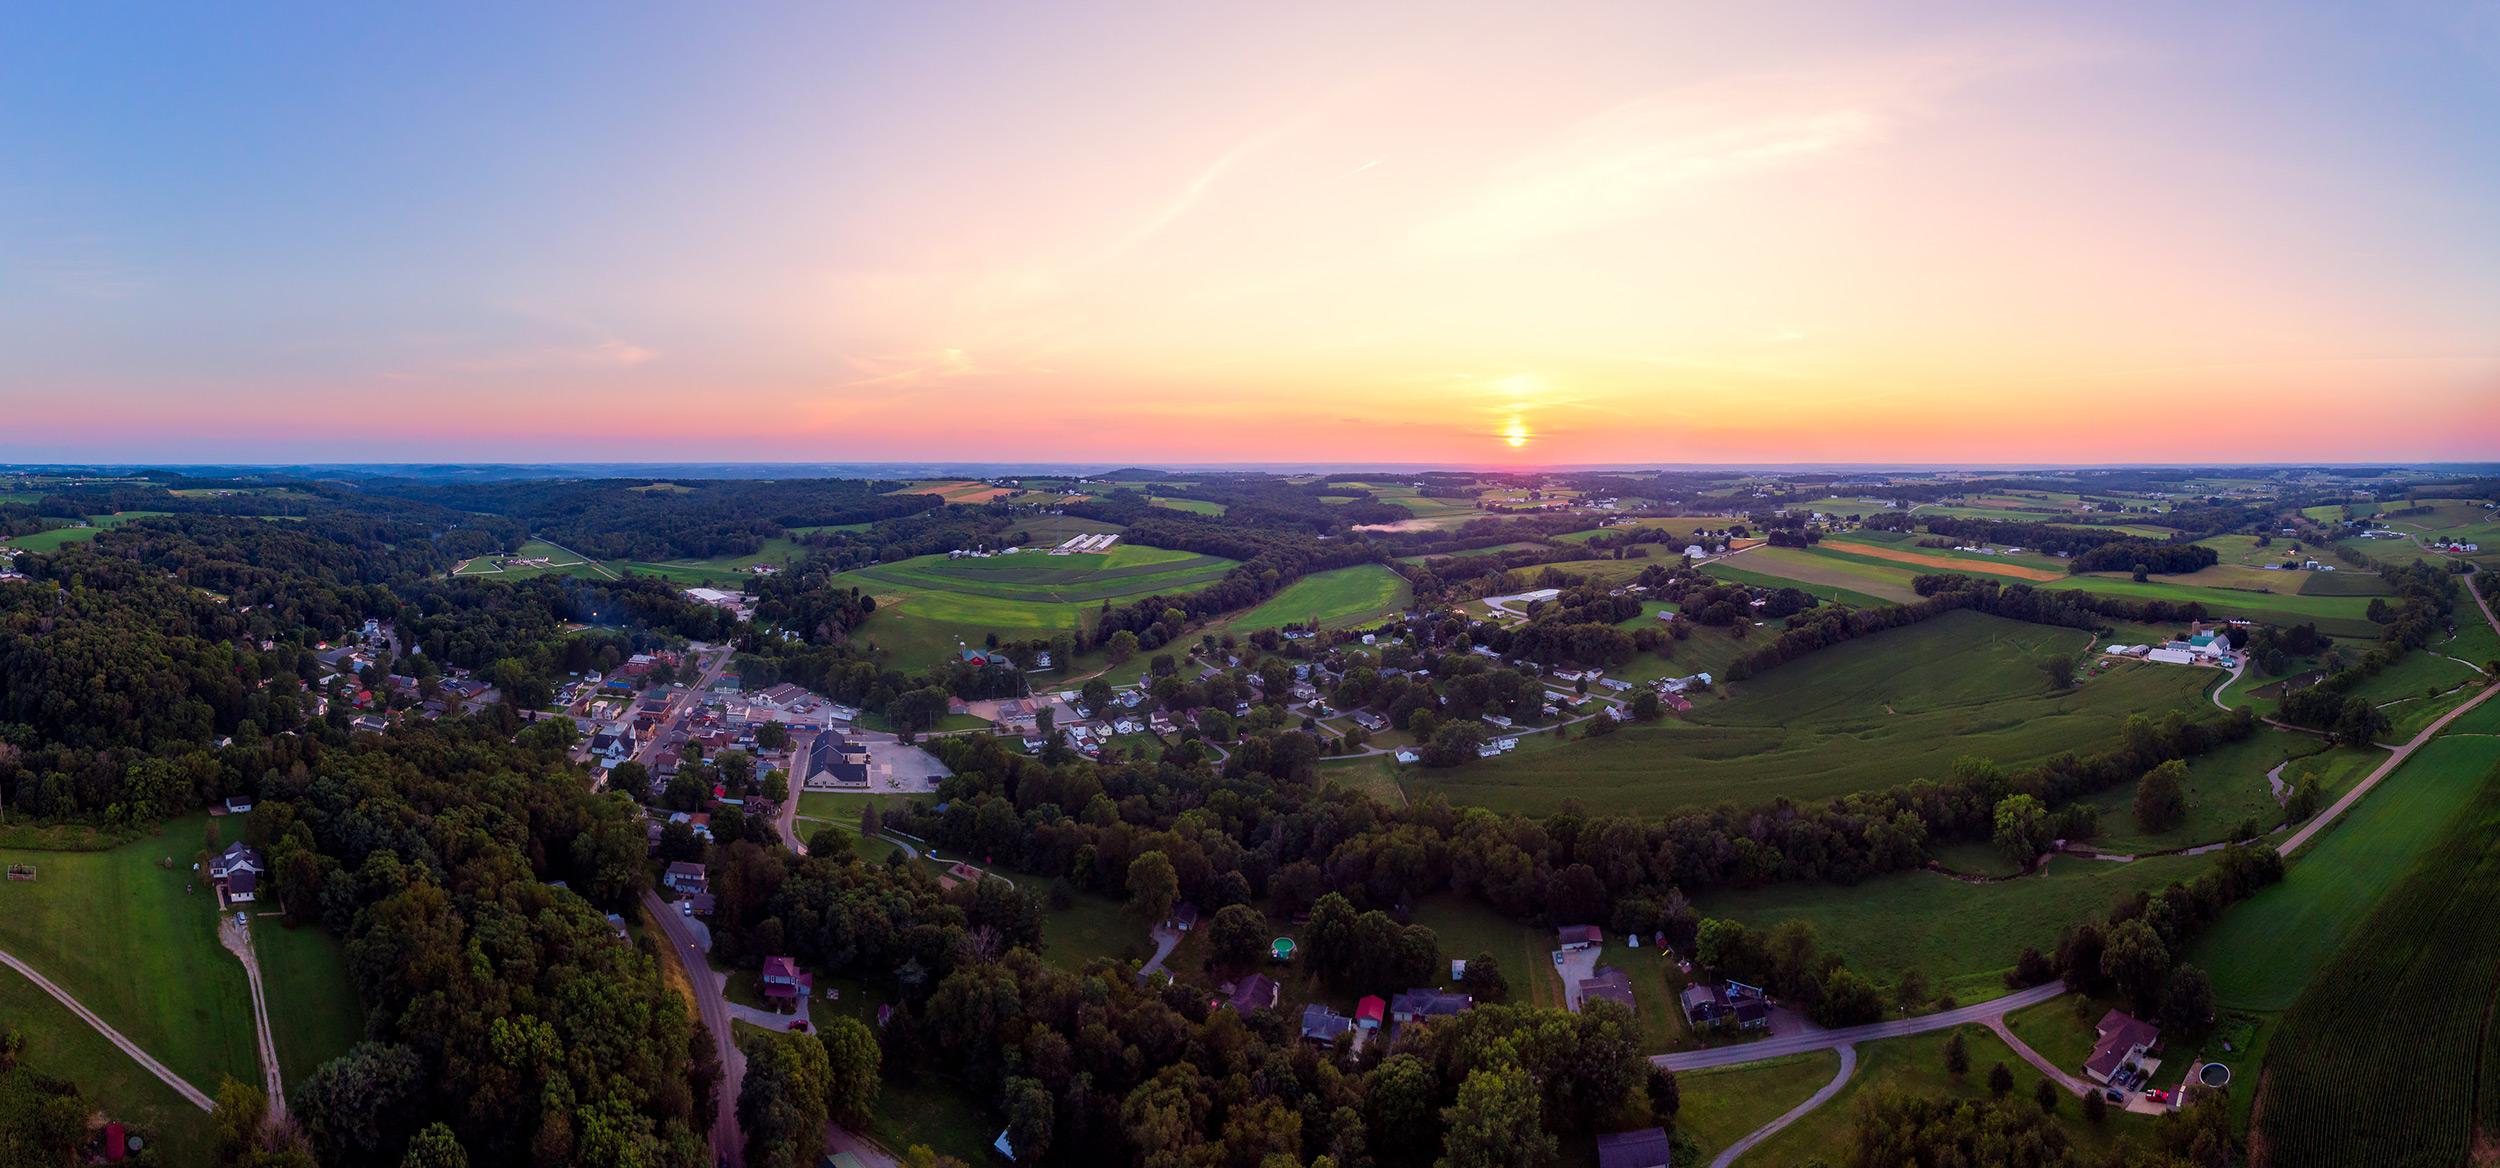 20180804-Aerial-Fredericksburg-0085-Panorama-Edit-2.jpg